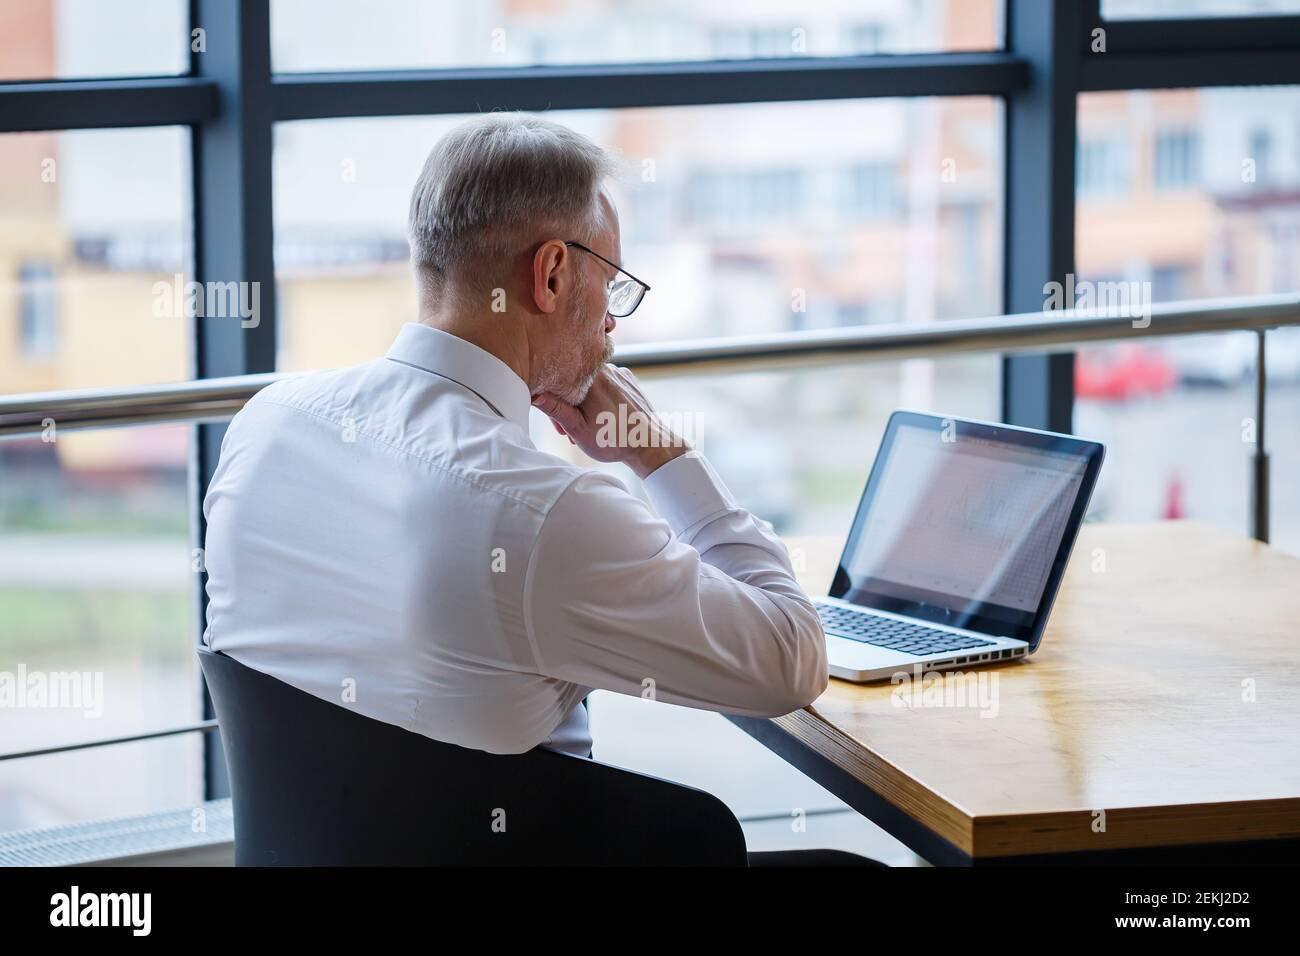 Hombre freelancer está trabajando en un café en un nuevo proyecto de negocios. Se sienta en una ventana grande en la mesa. Mira a una pantalla de portátil con una taza de café Foto de stock